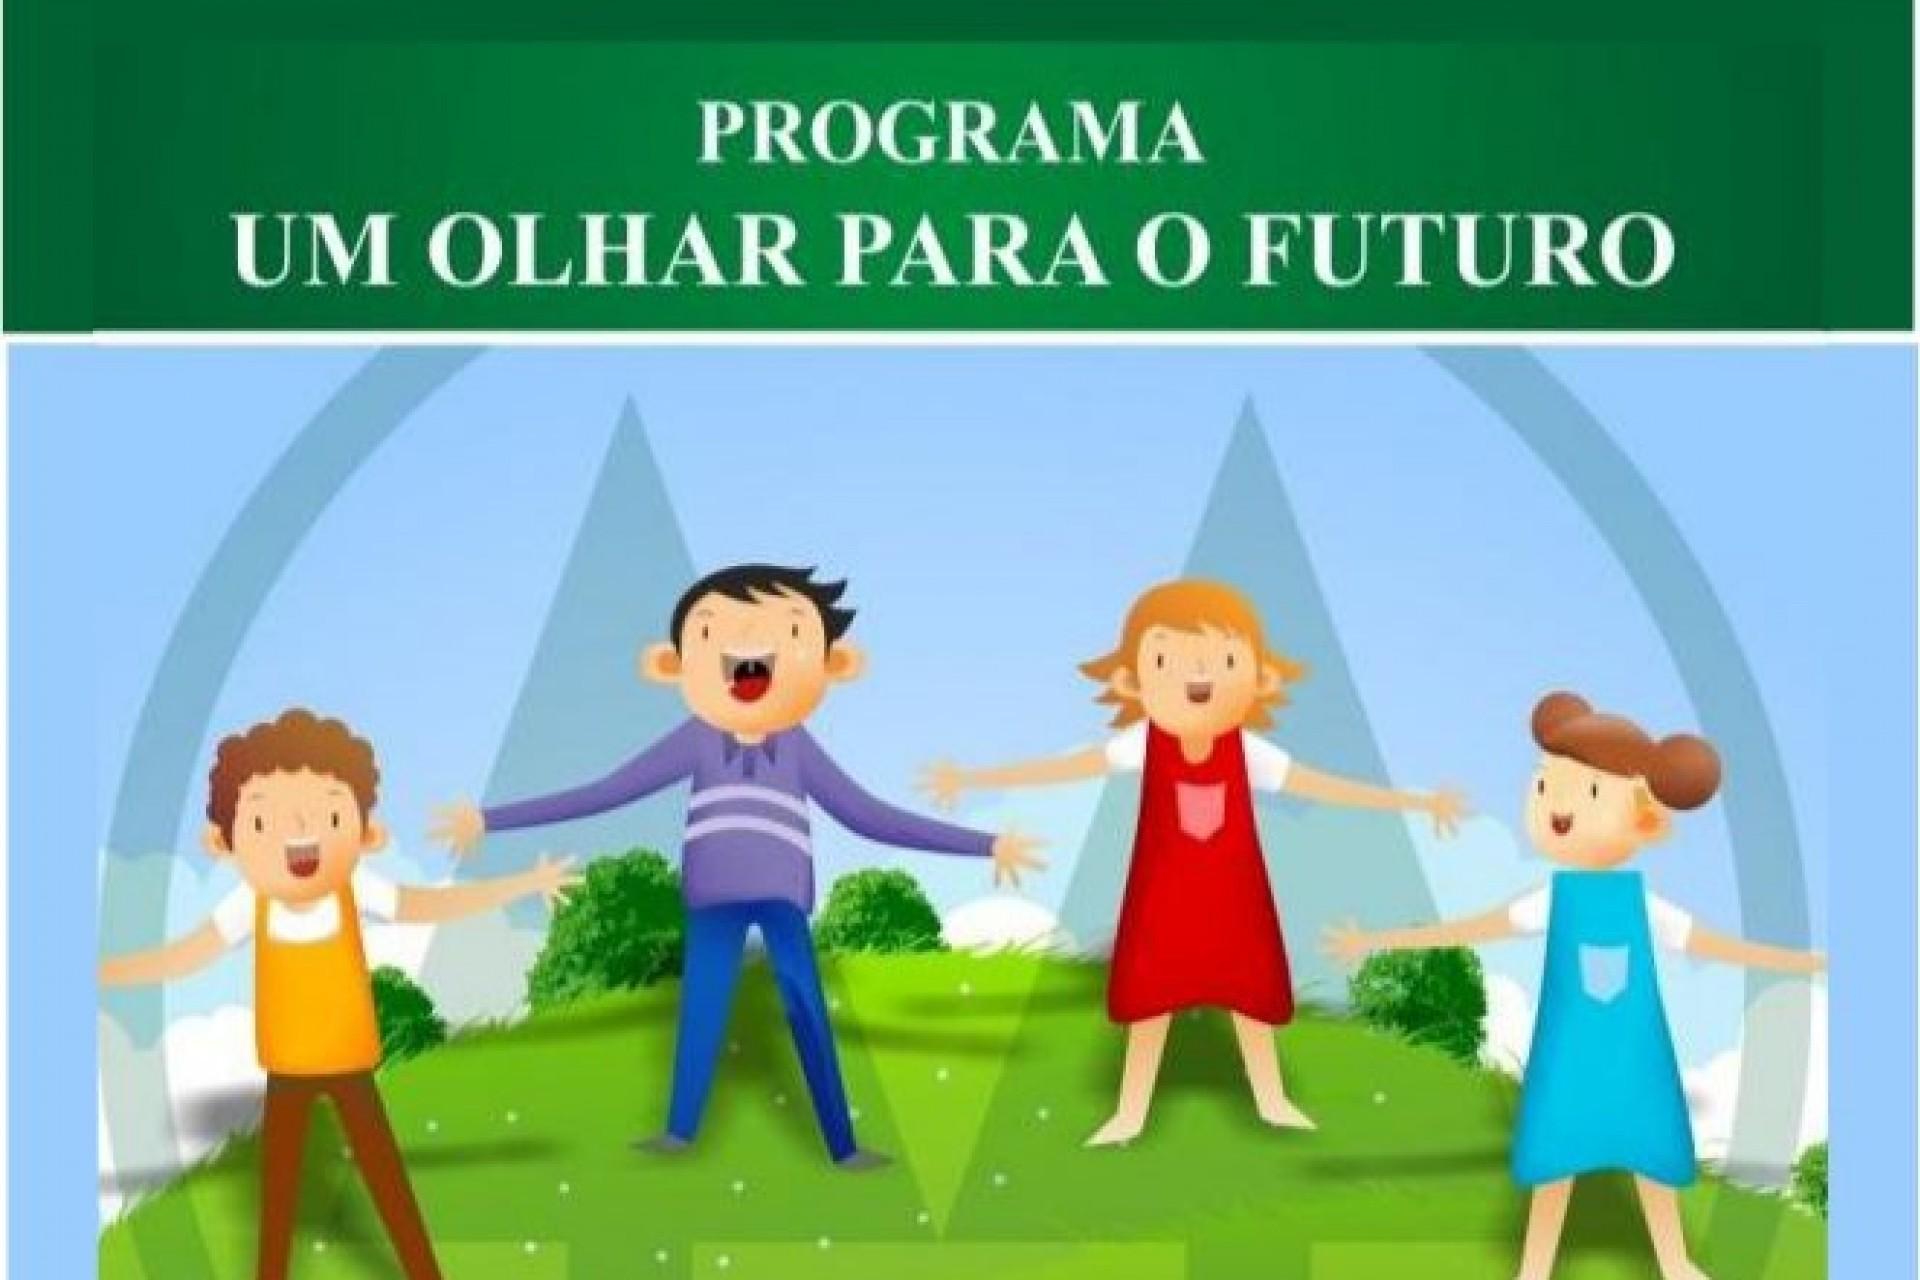 Cresol Costa Oeste realizou na Agência de Missal a finalização do Programa Um Olhar para o Futuro